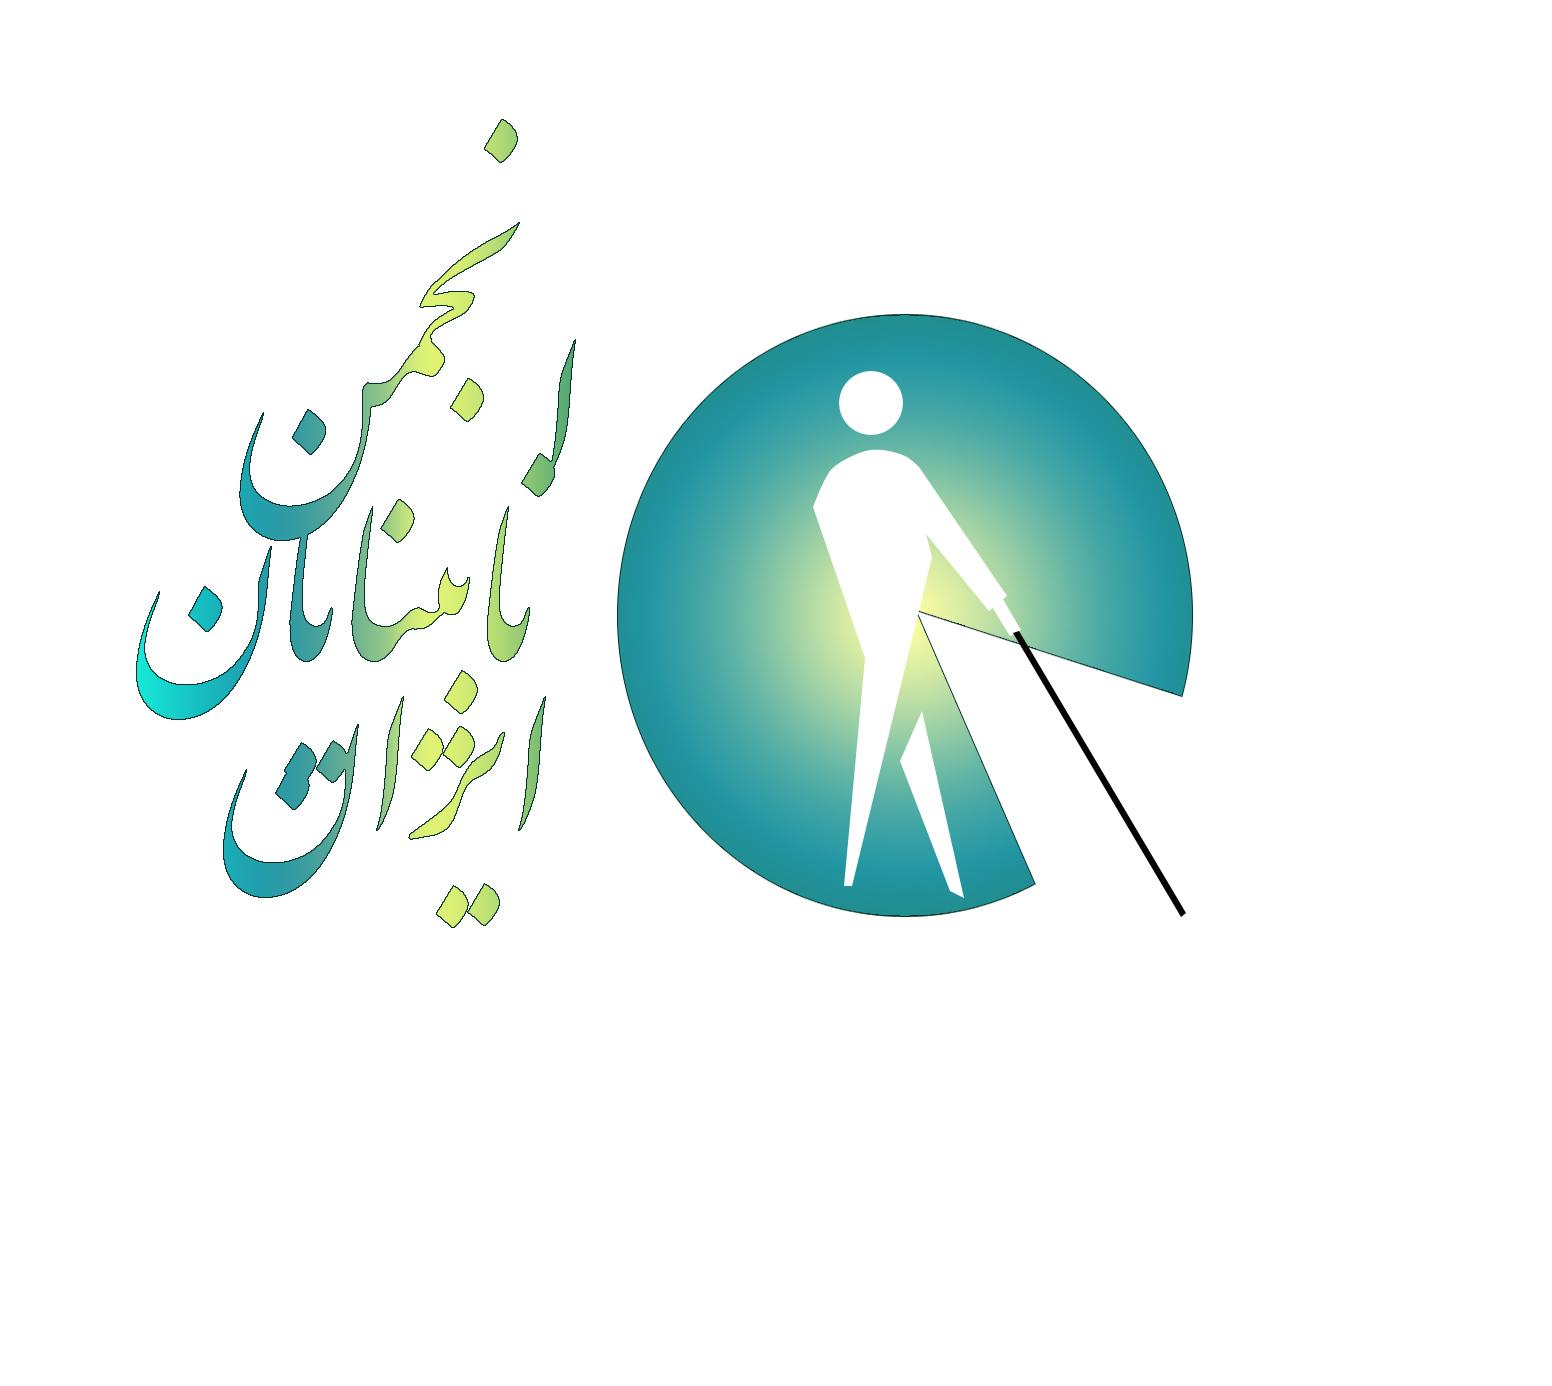 وبسایت رسمی انجمن نابینایان ایران IBNGO.IR